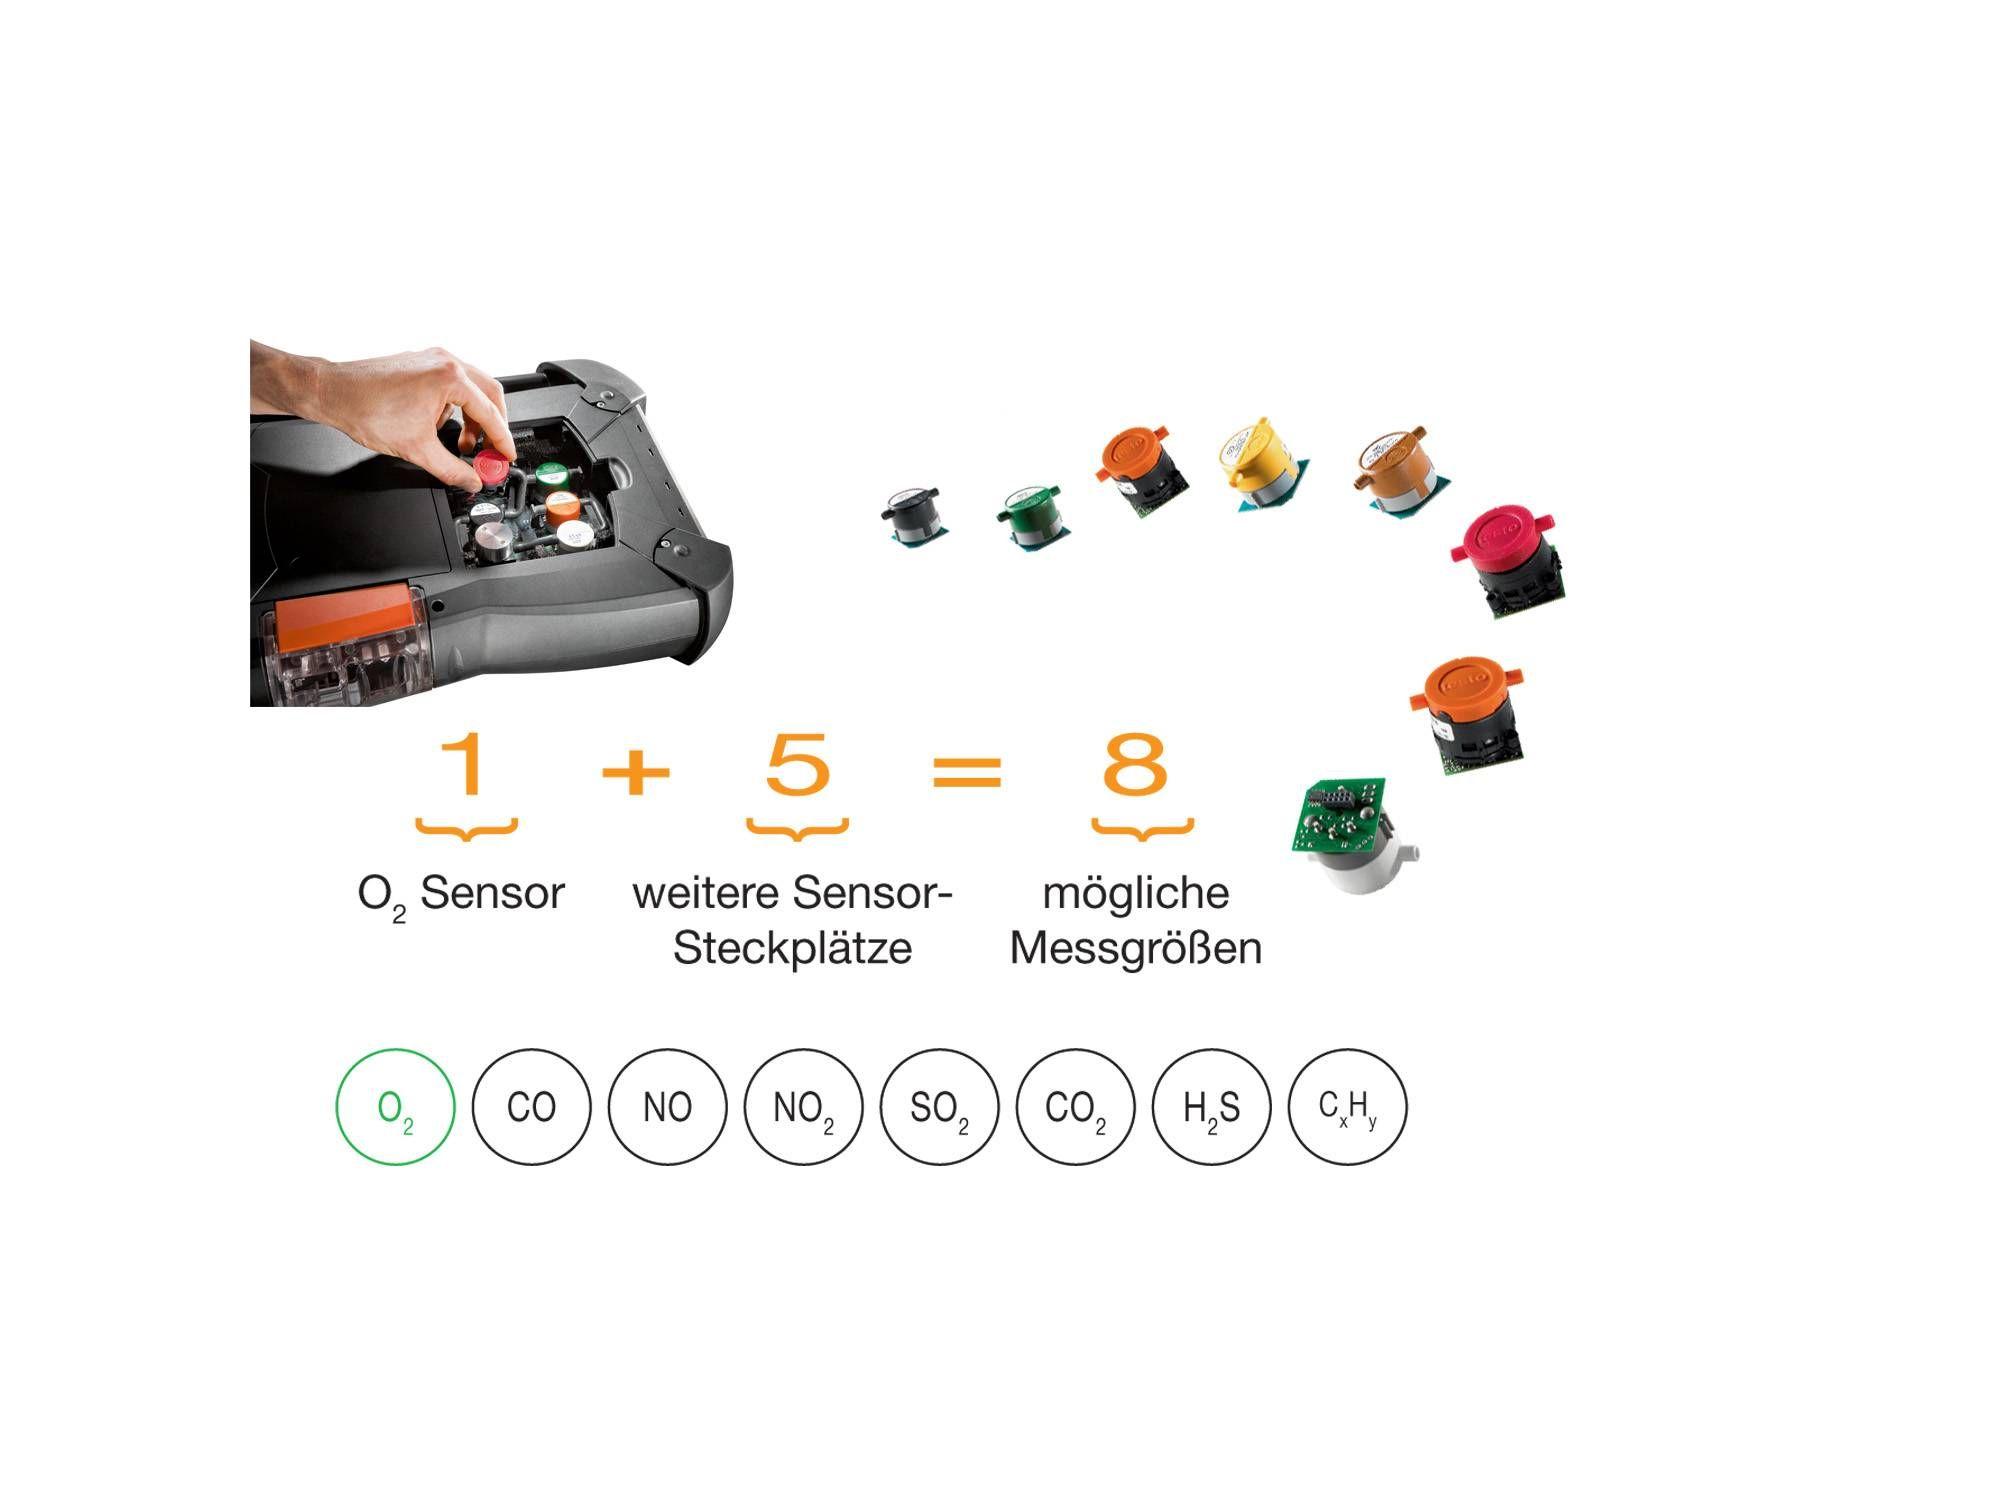 testo-350-rechnung-mit-messgroessen-geraet-sensoren.jpg